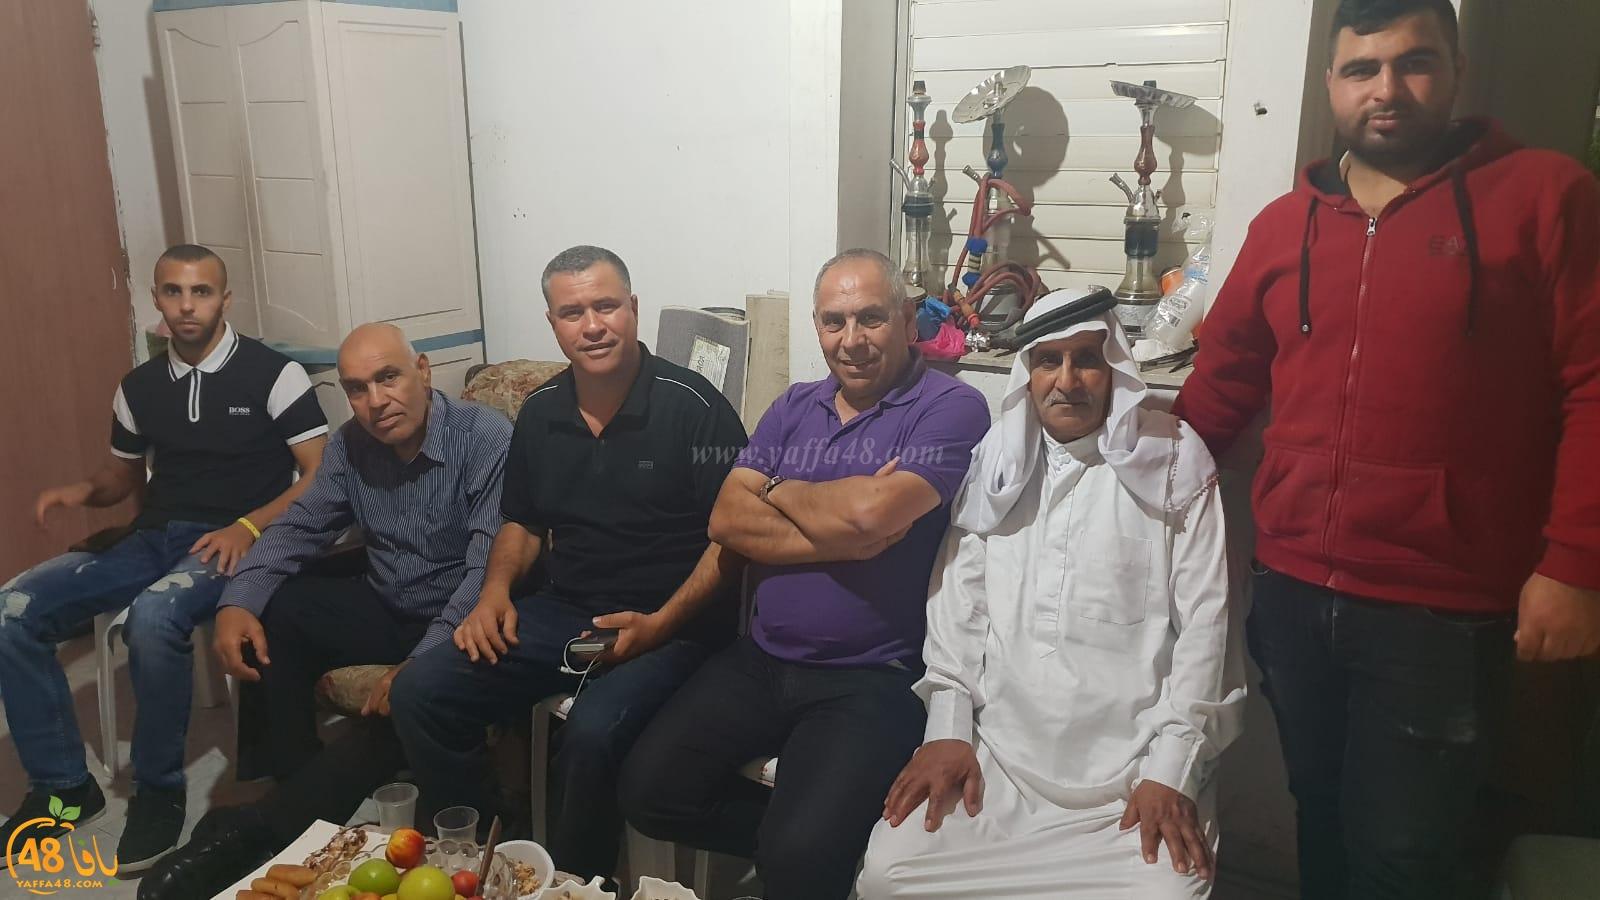 فيديو: لقاء مع الشاب وسام أبو شريقي وعائلته من اللد بعد خروجه من المستشفى